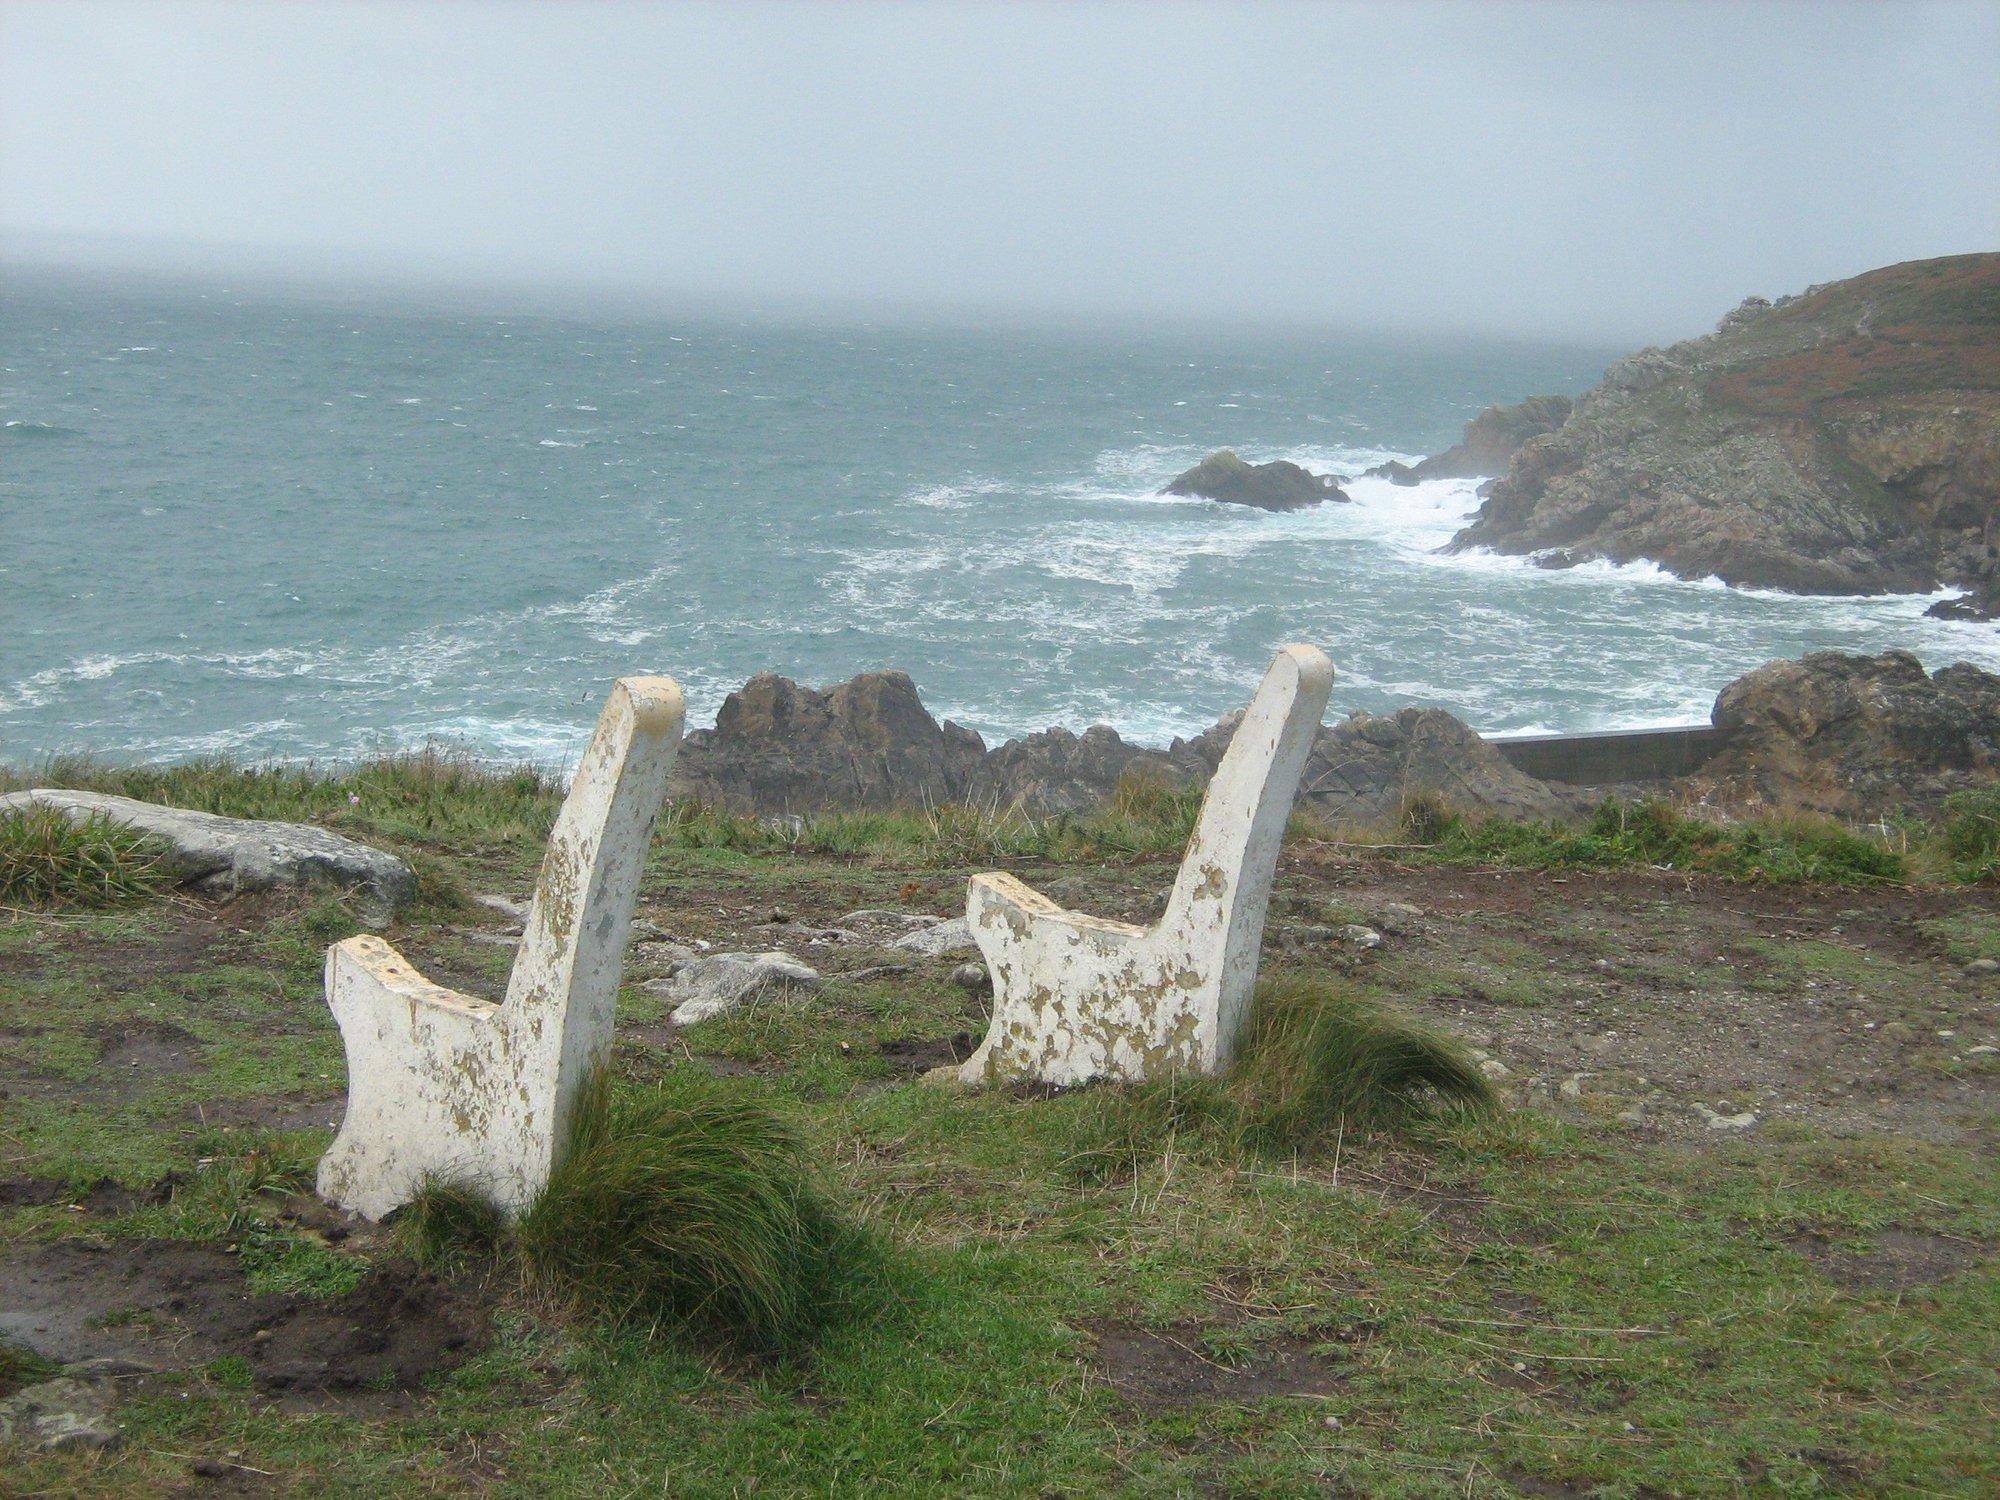 bretónsky vietor nepozná prekážky